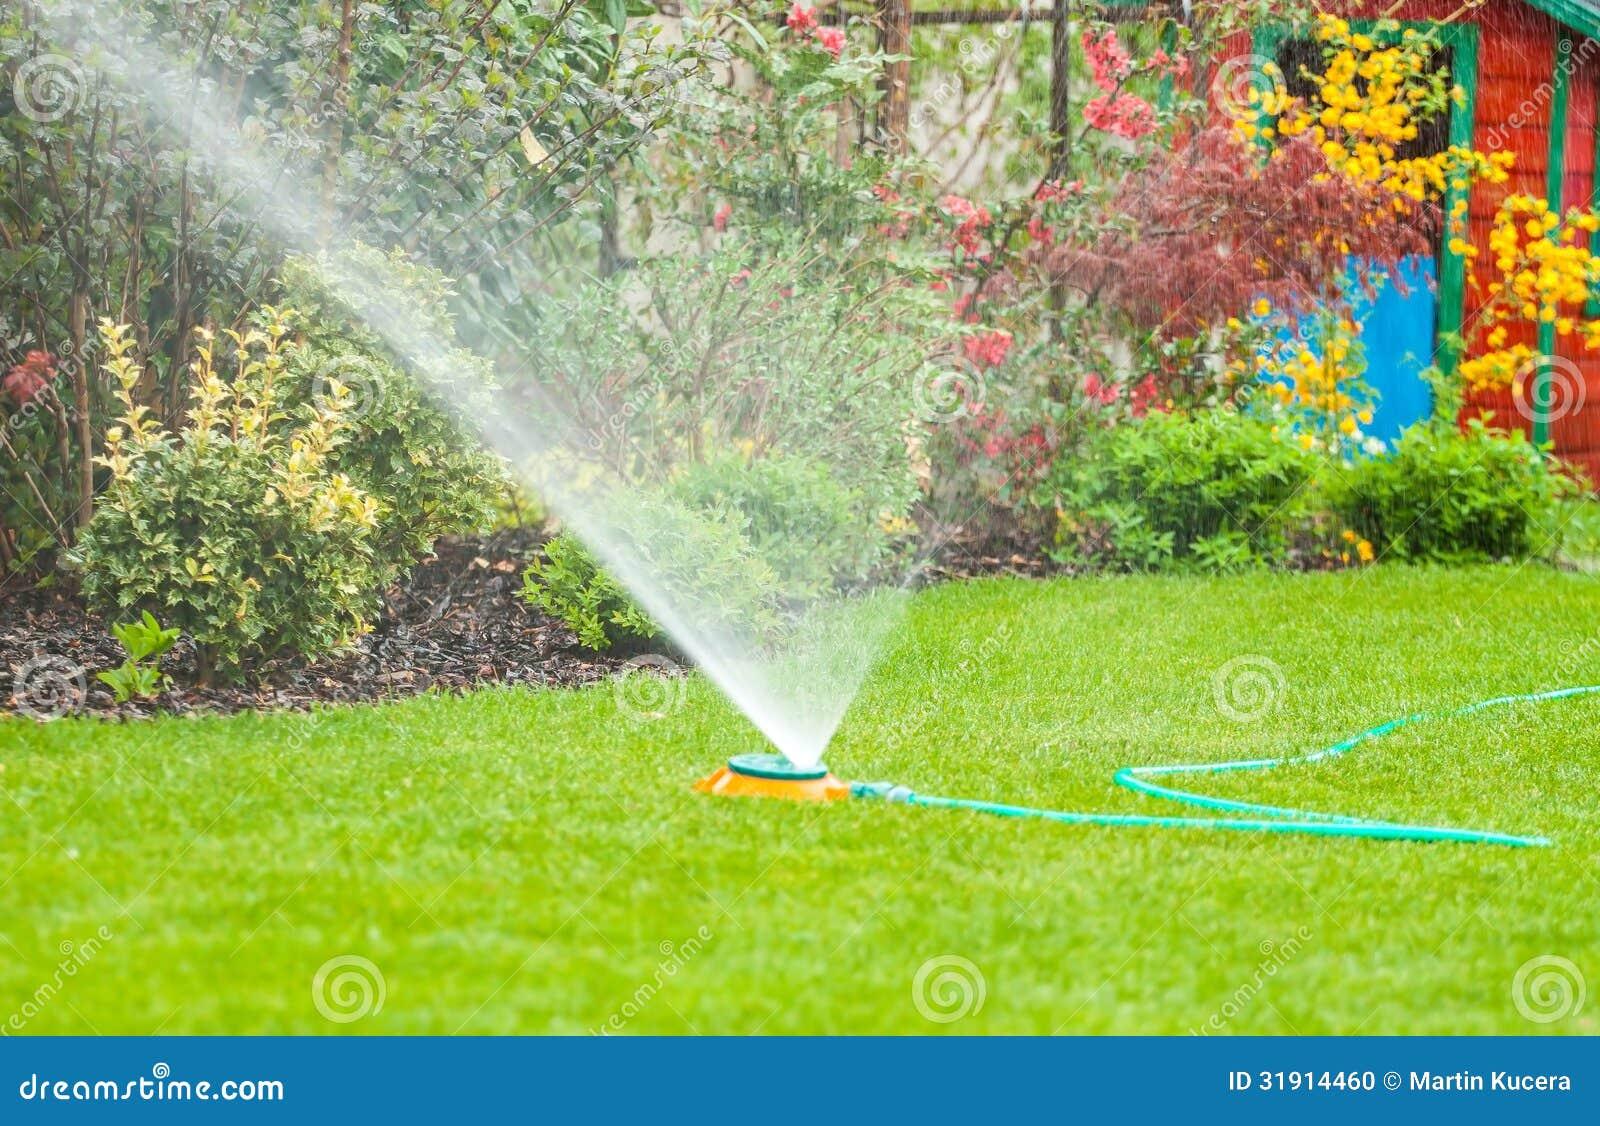 Het bespuitende water van de watersproeier over groen gras in de tuin stock foto afbeelding - Groen behang van het water ...